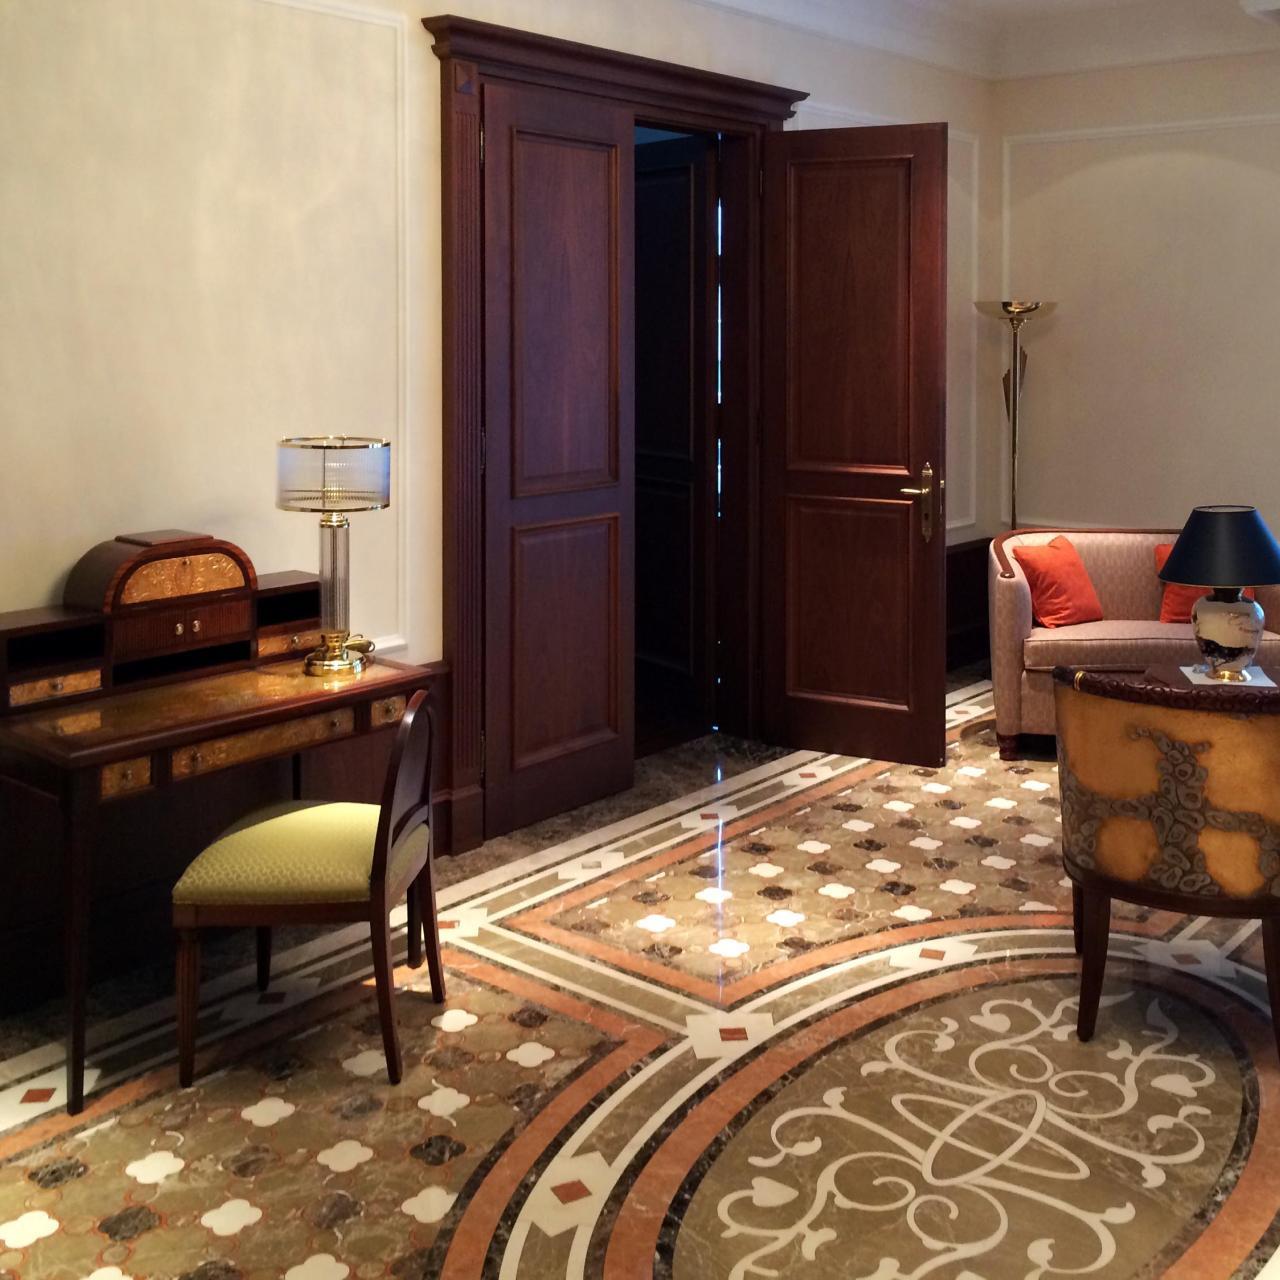 https://www.antoniosala.it/fr/realisations/residentiel/appartement-prive/